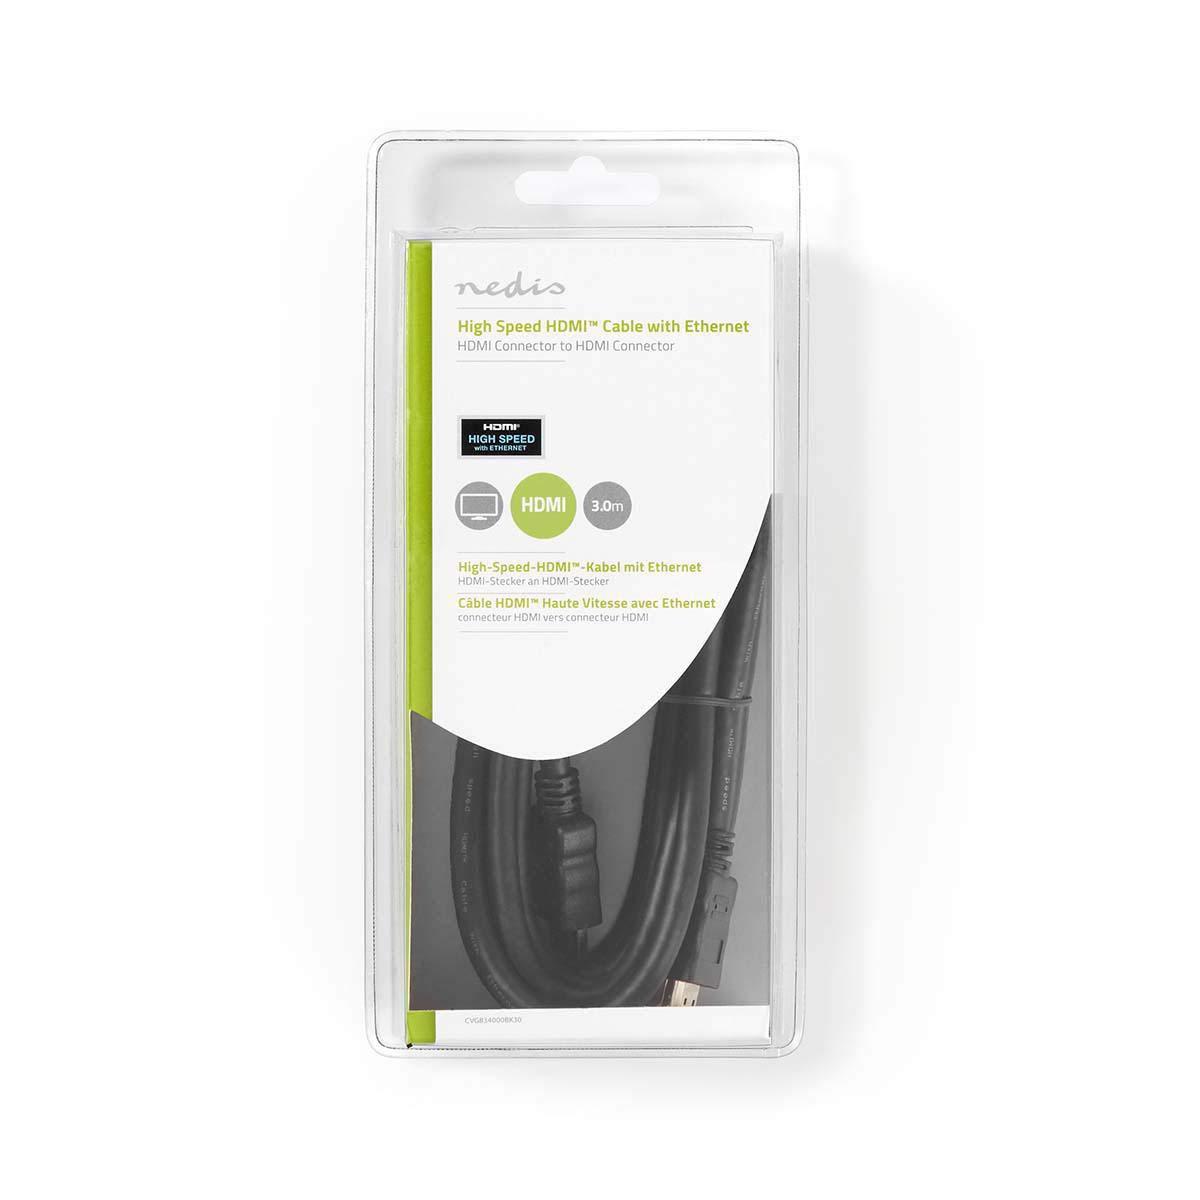 Noir 15 m Connecteur HDMI Connecteur HDMI Nedis CVGB34000BK150 C/âble HDMI/™ Haute Vitesse avec Ethernet